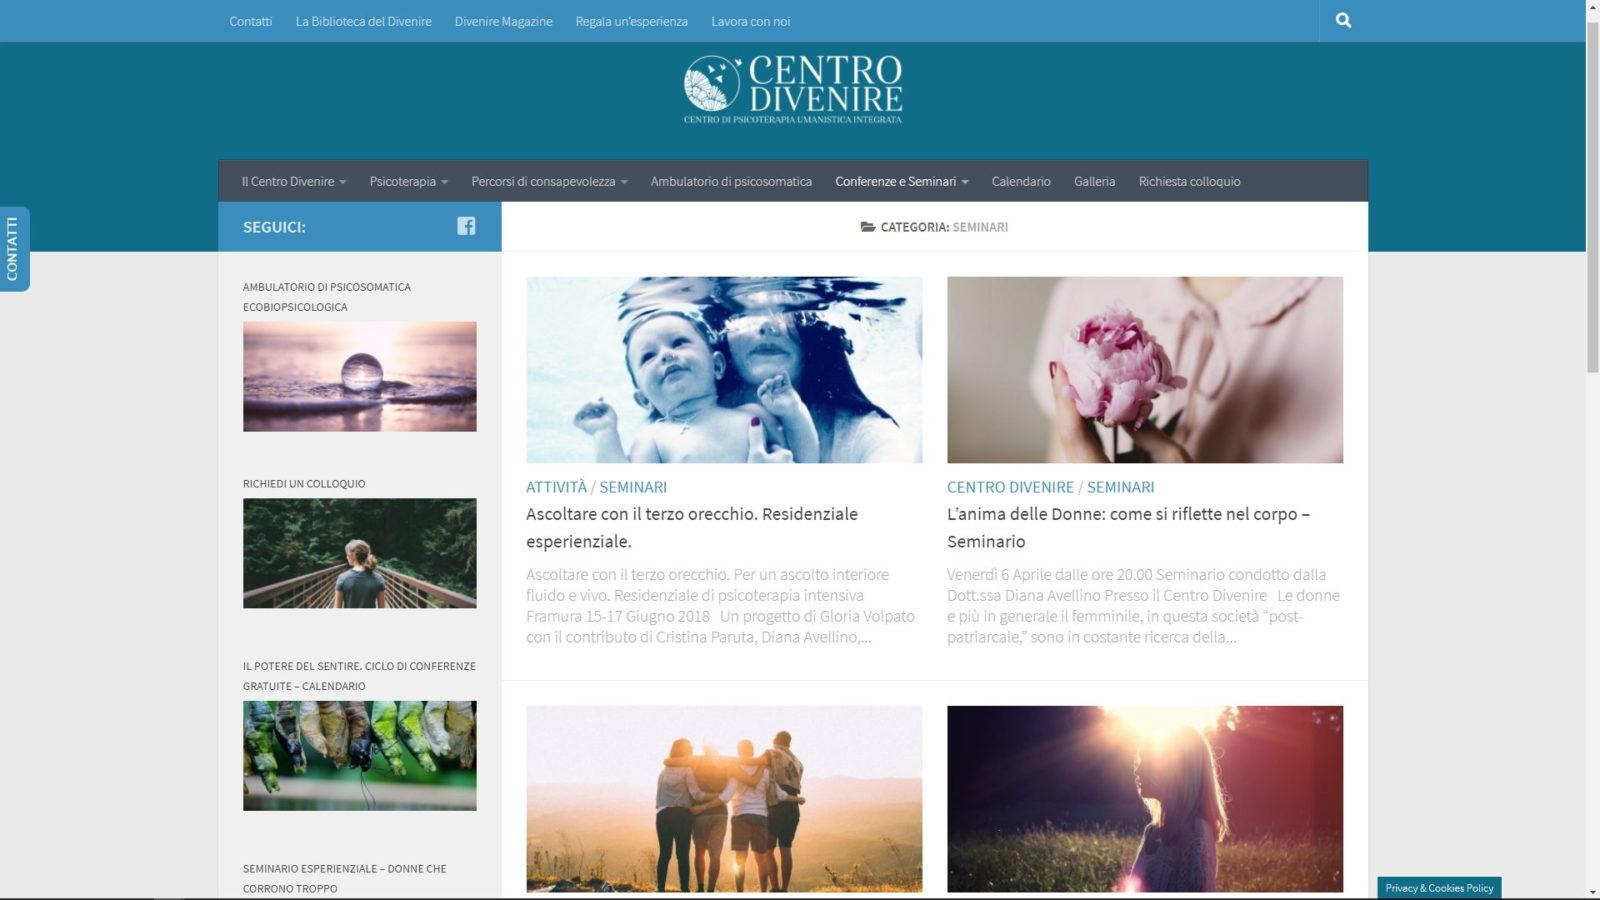 SITO INTERNET CENTRO DIVENIRE - NEWS